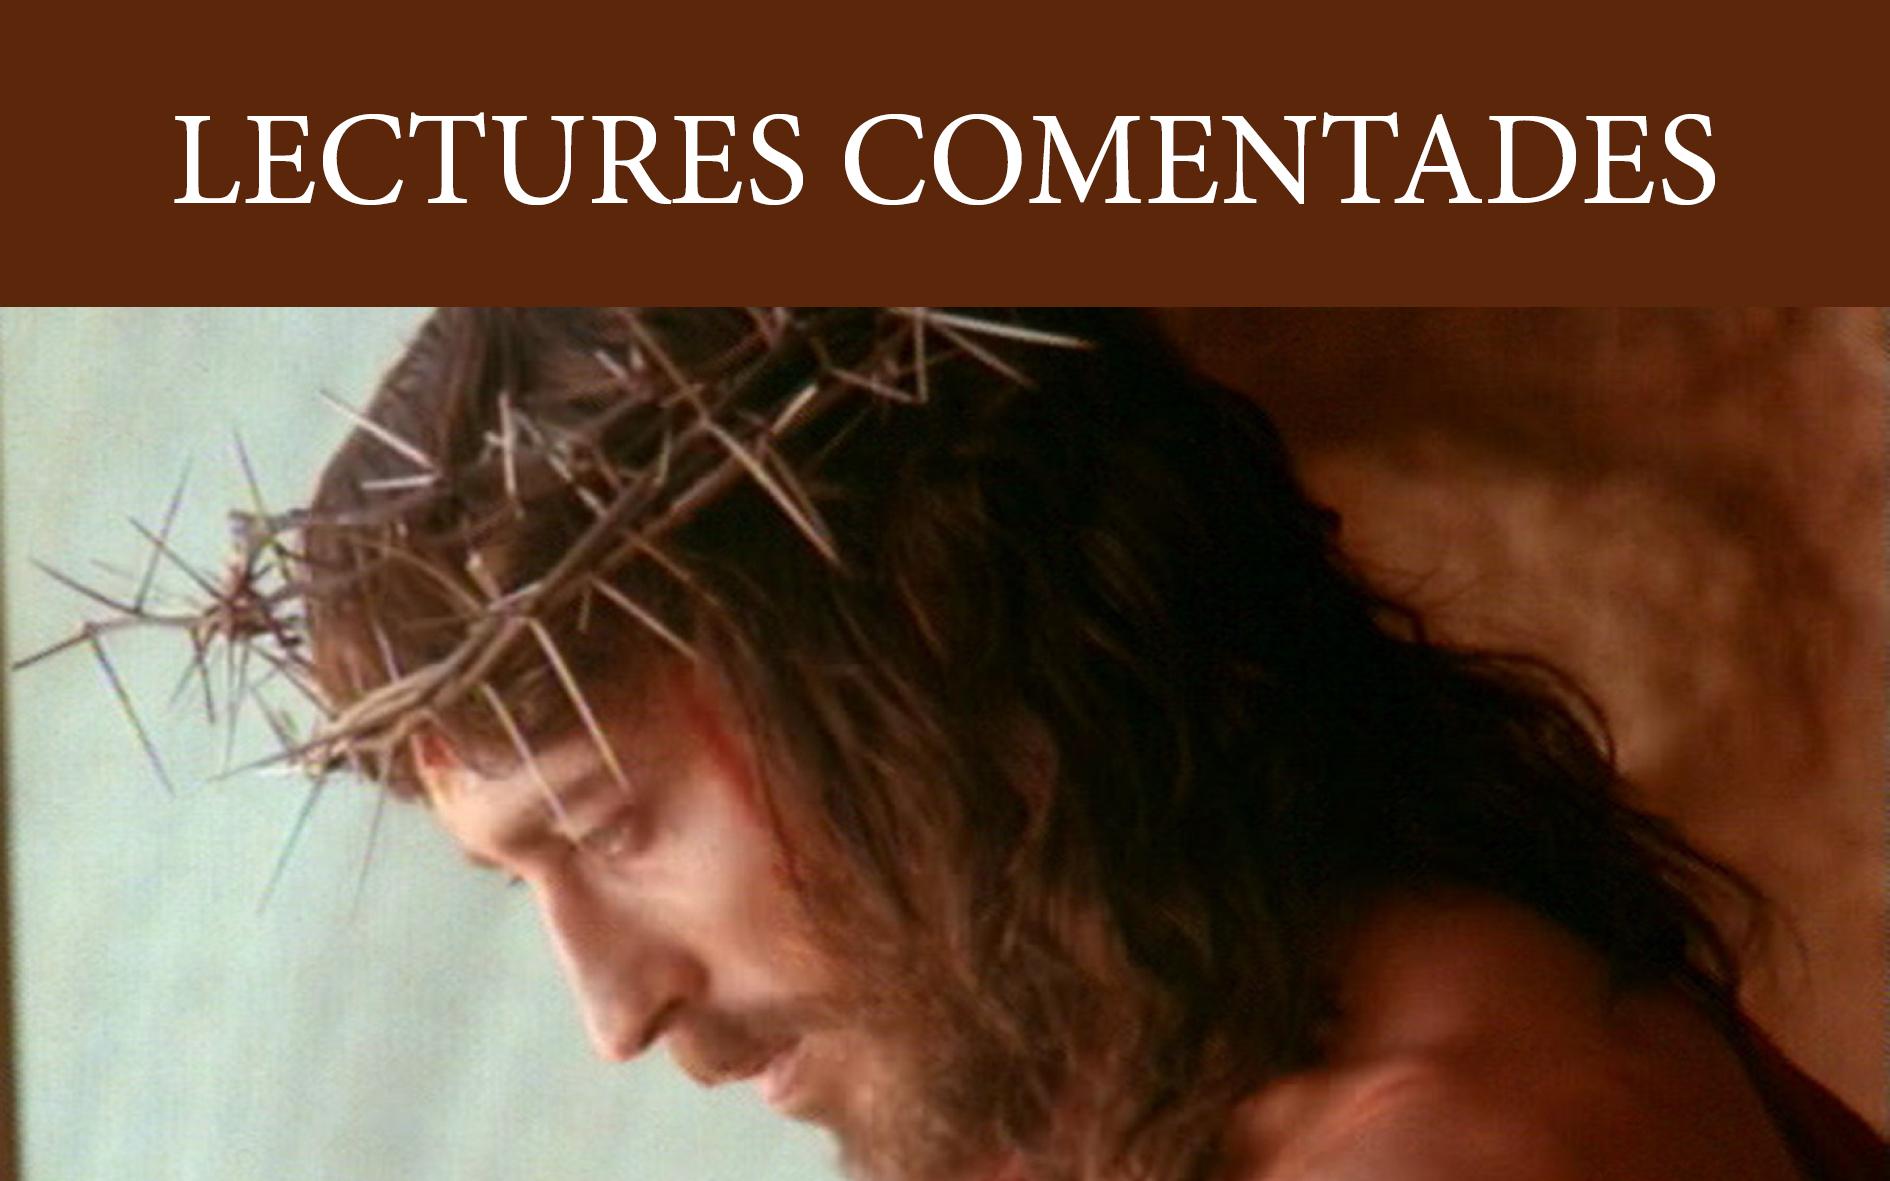 8. REDESCOBRIR JESÚS DE NATZARET, UN MESTRE DE VIDA